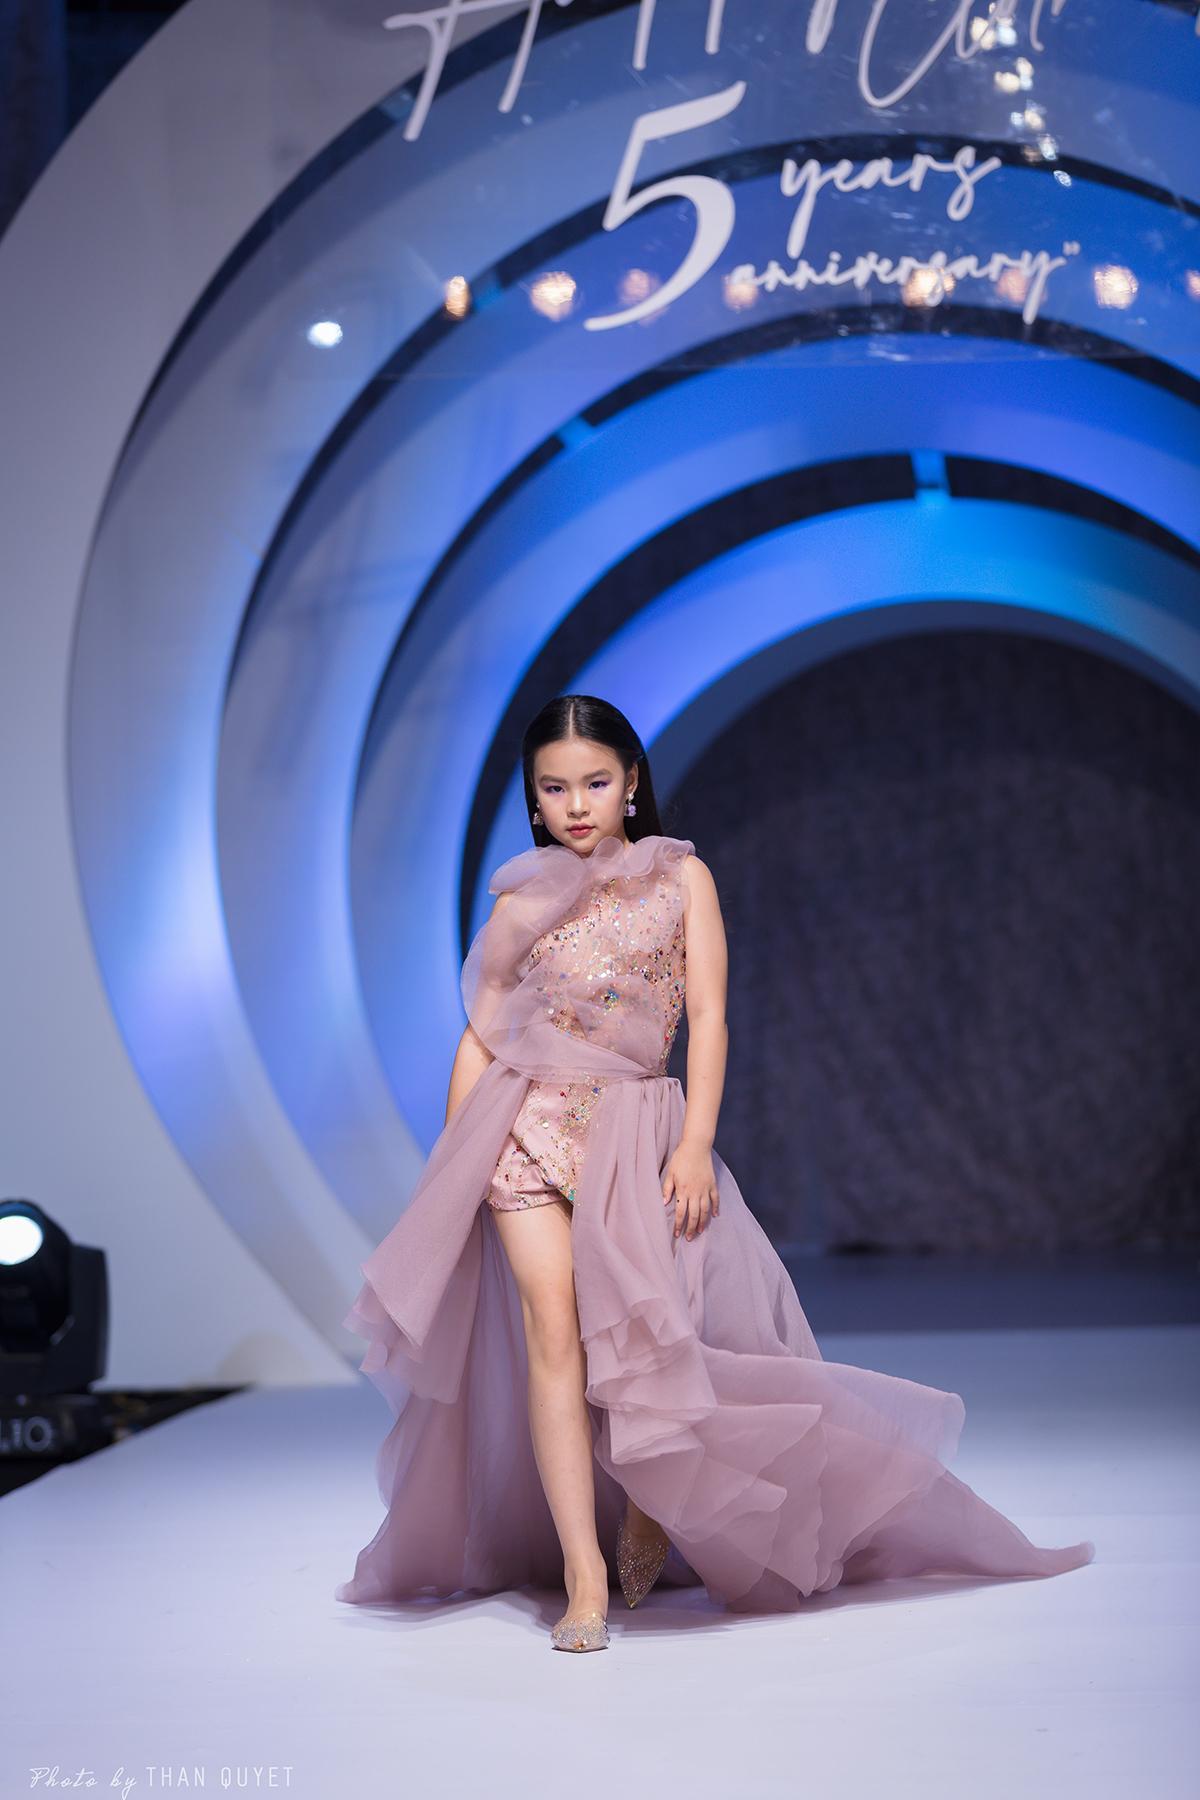 Mẫu nhí 9 tuổi song kiếm hợp bích siêu mẫu Bùi Quỳnh Hoa 'quét sạch' sàn catwalk Ảnh 7